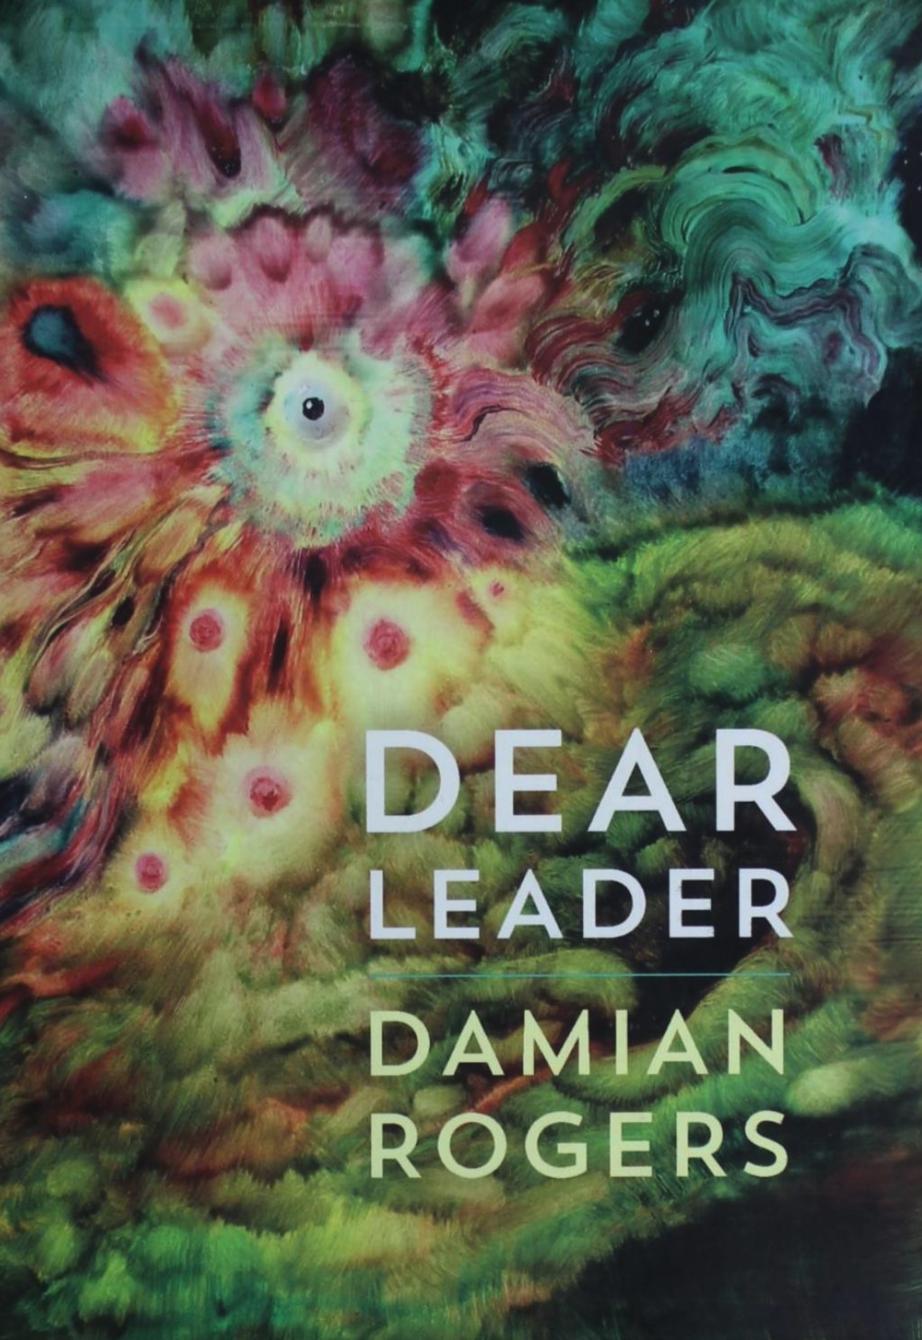 Dear Leader, Damian Rogers